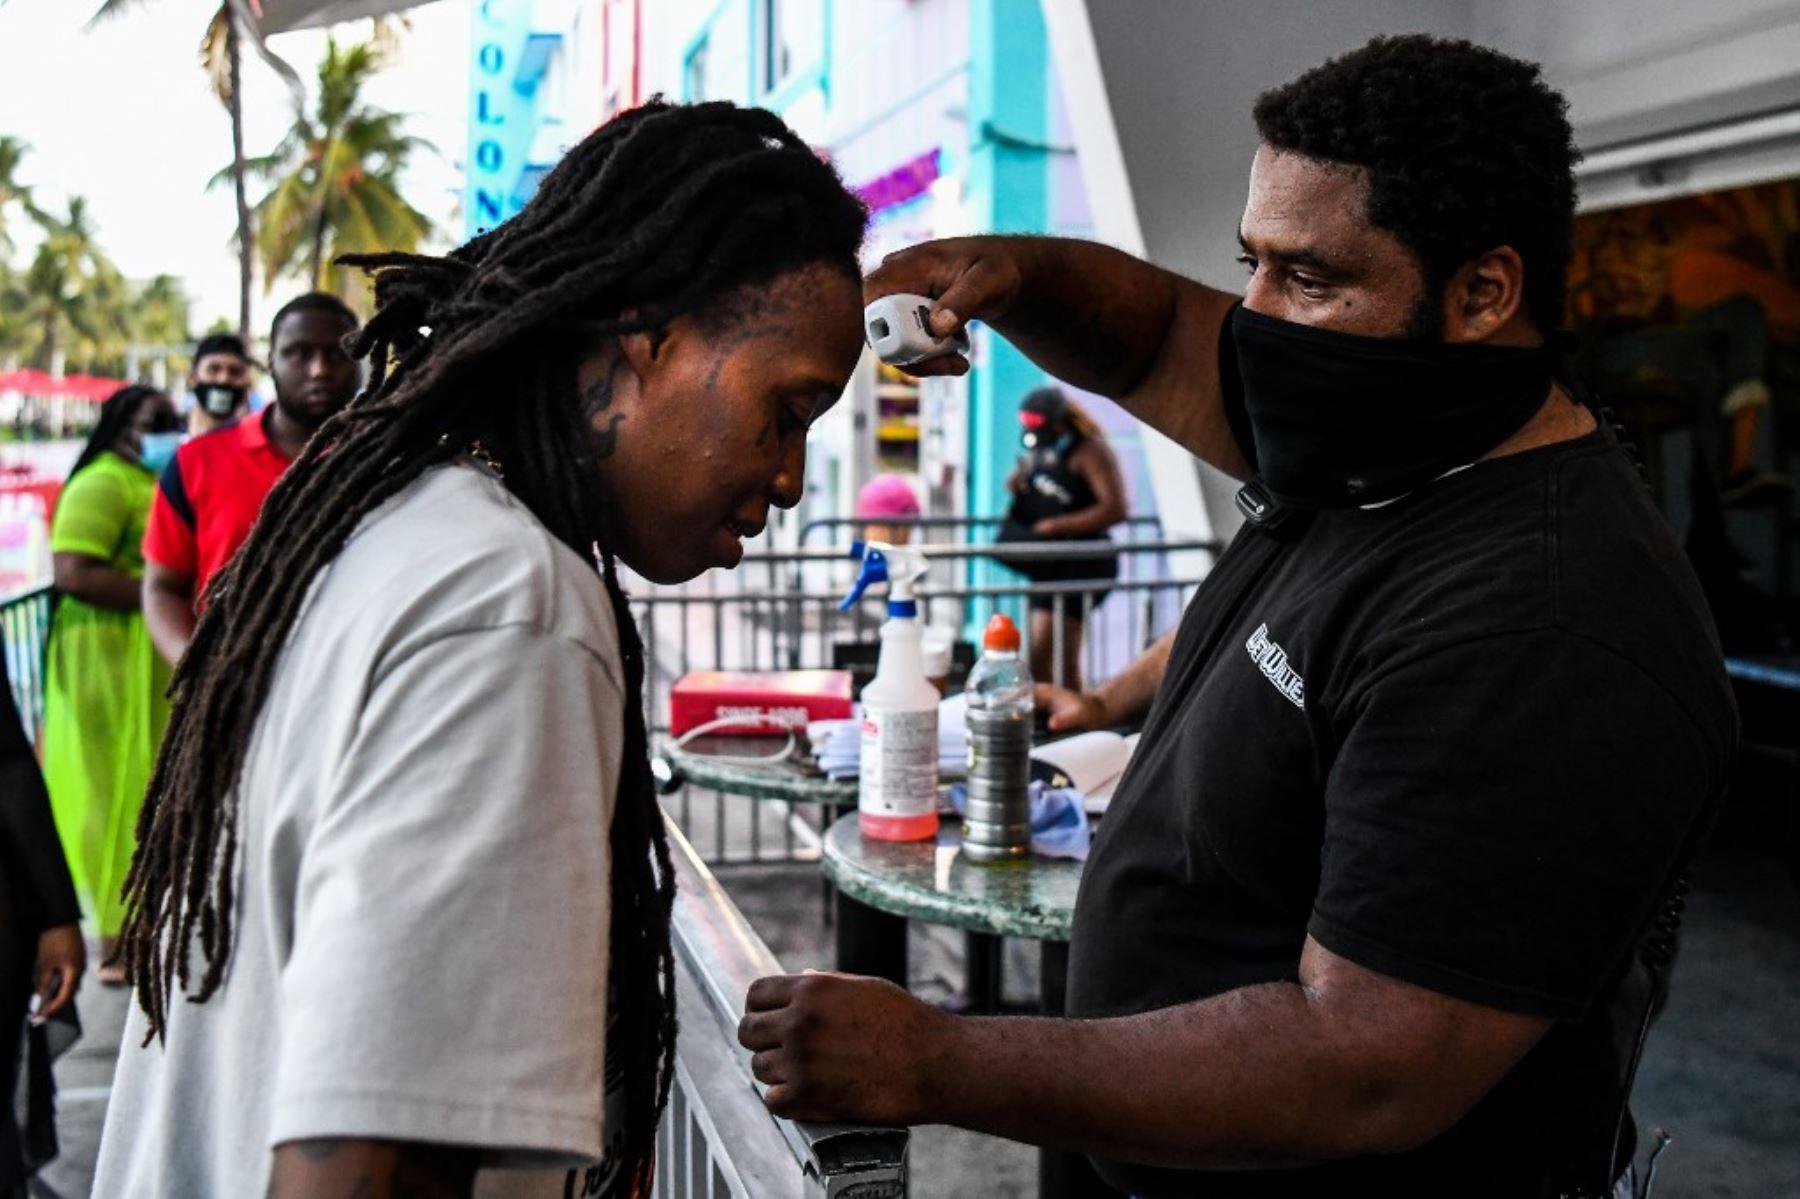 Un guardia de seguridad verifica la temperatura de un hombre a la entrada de un restaurante en Ocean Drive en Miami Beach, Florida. Foto: AFP